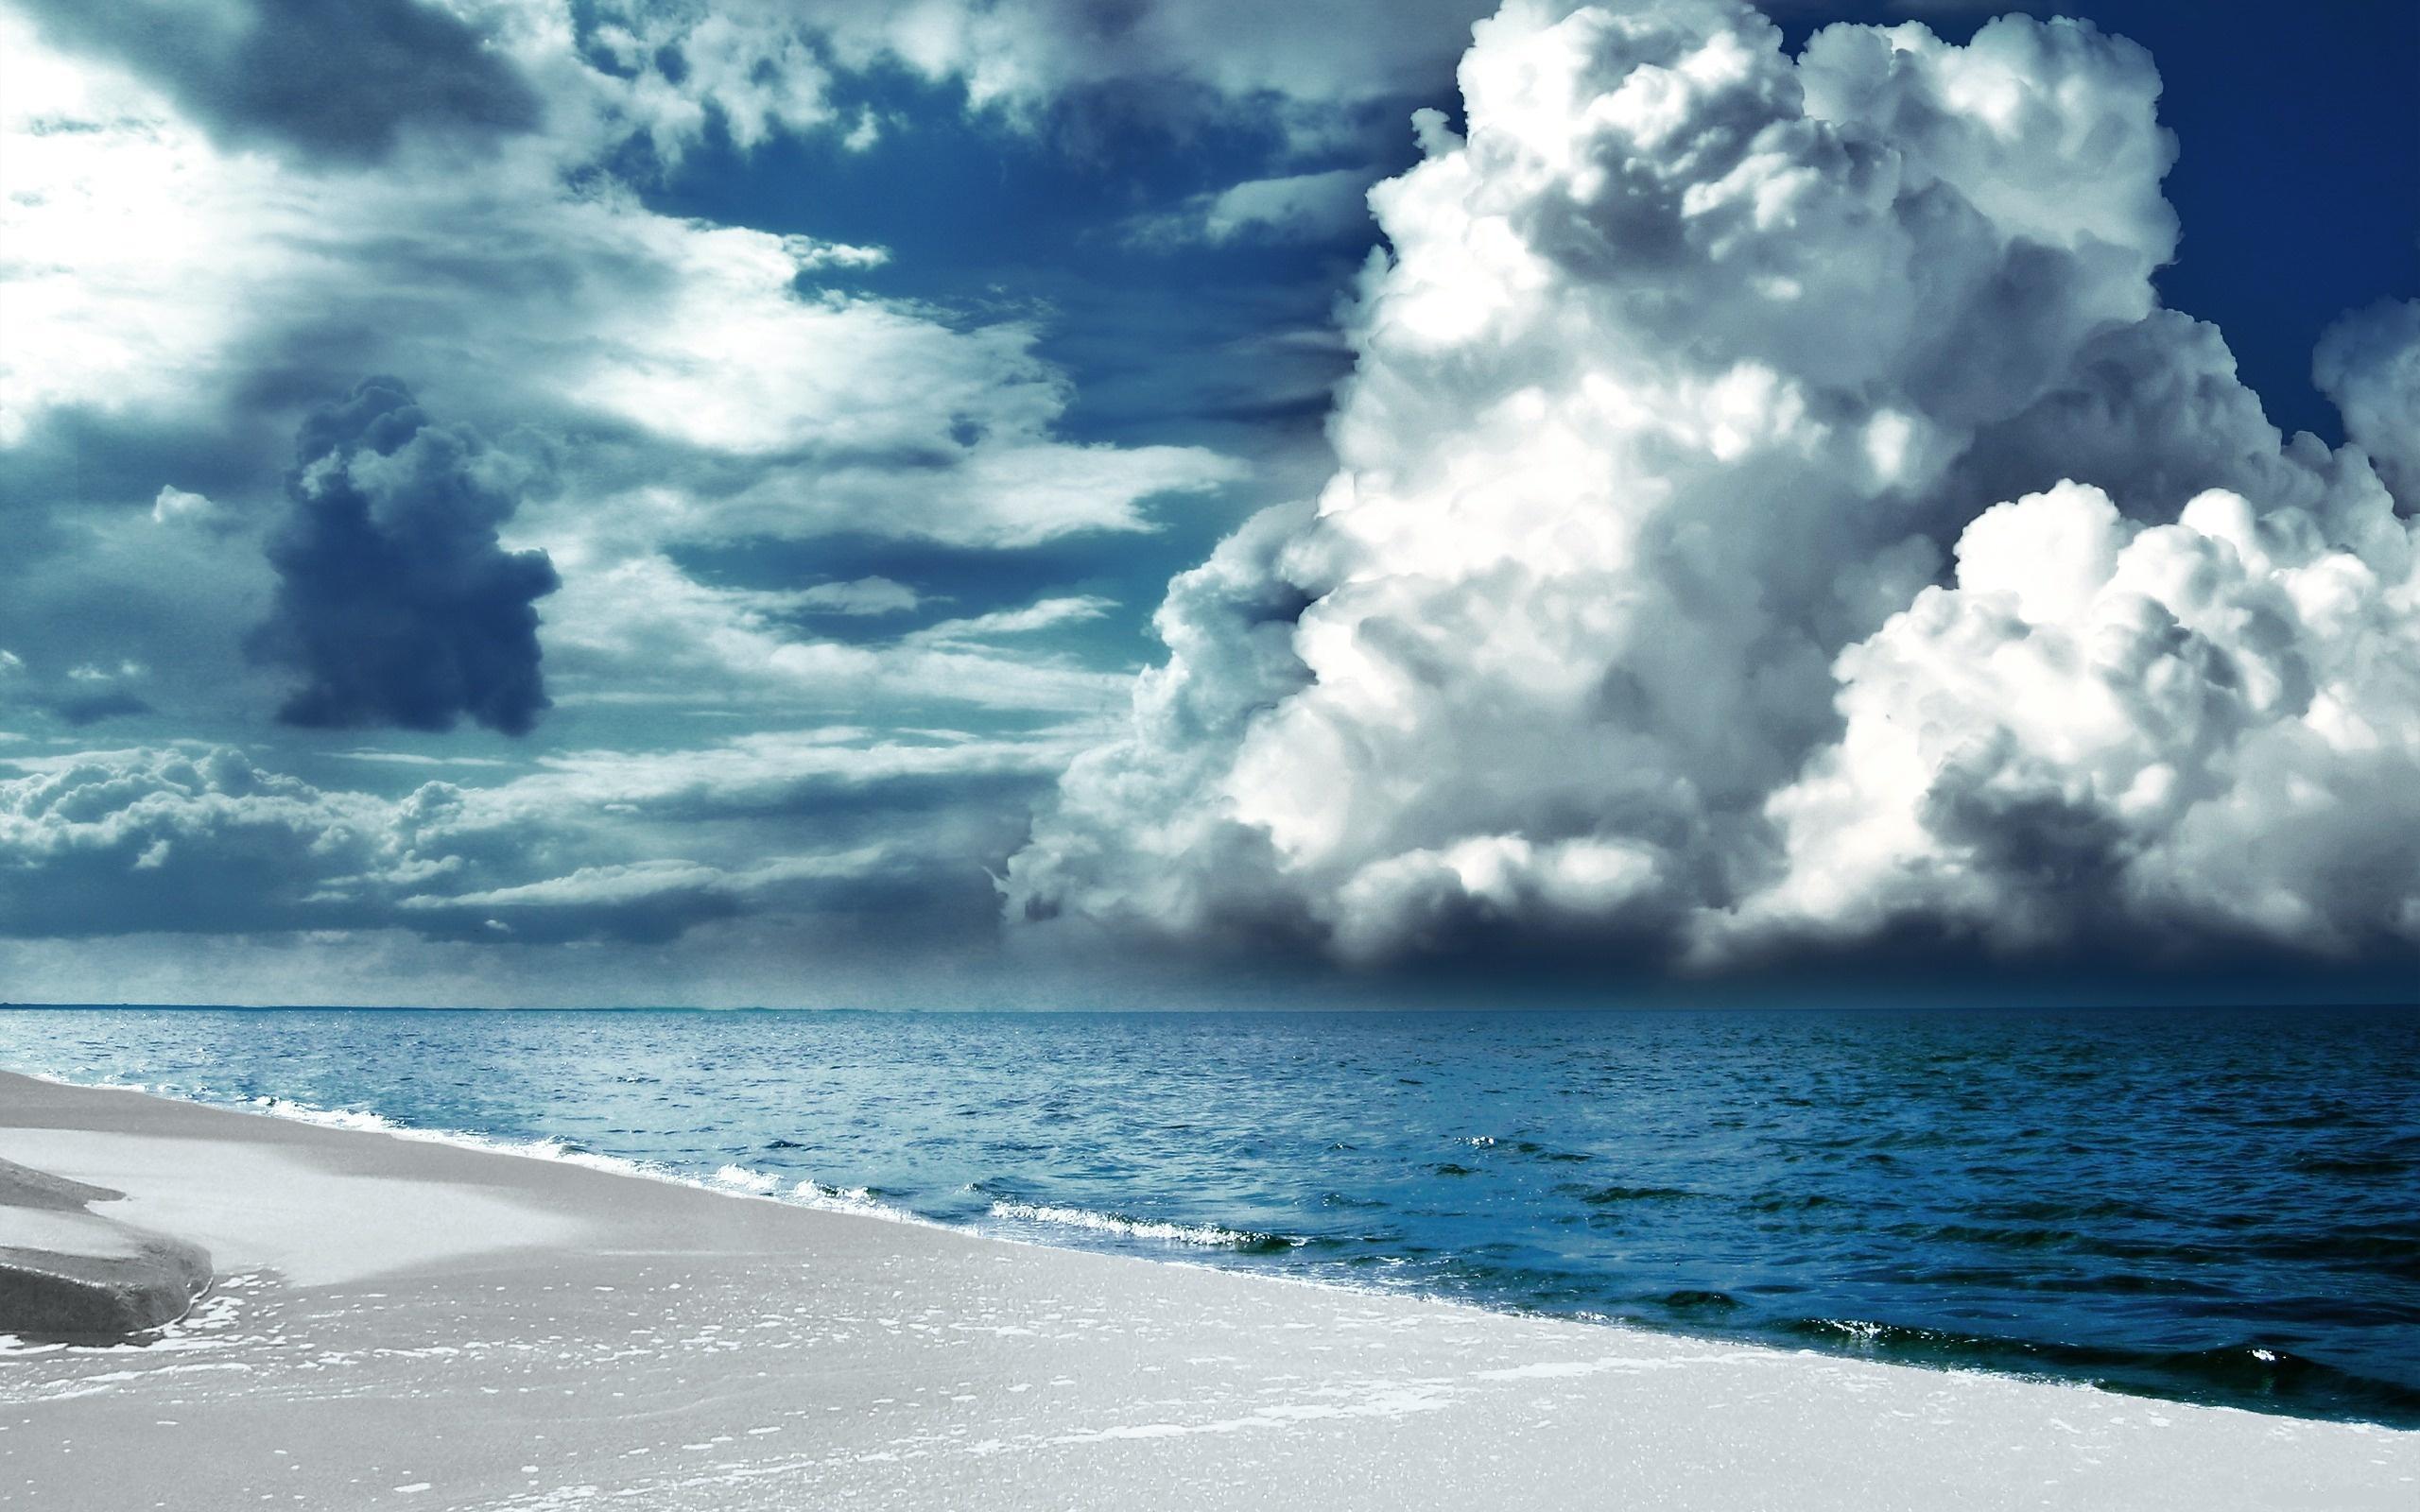 небо песок месяц  № 3914302 загрузить